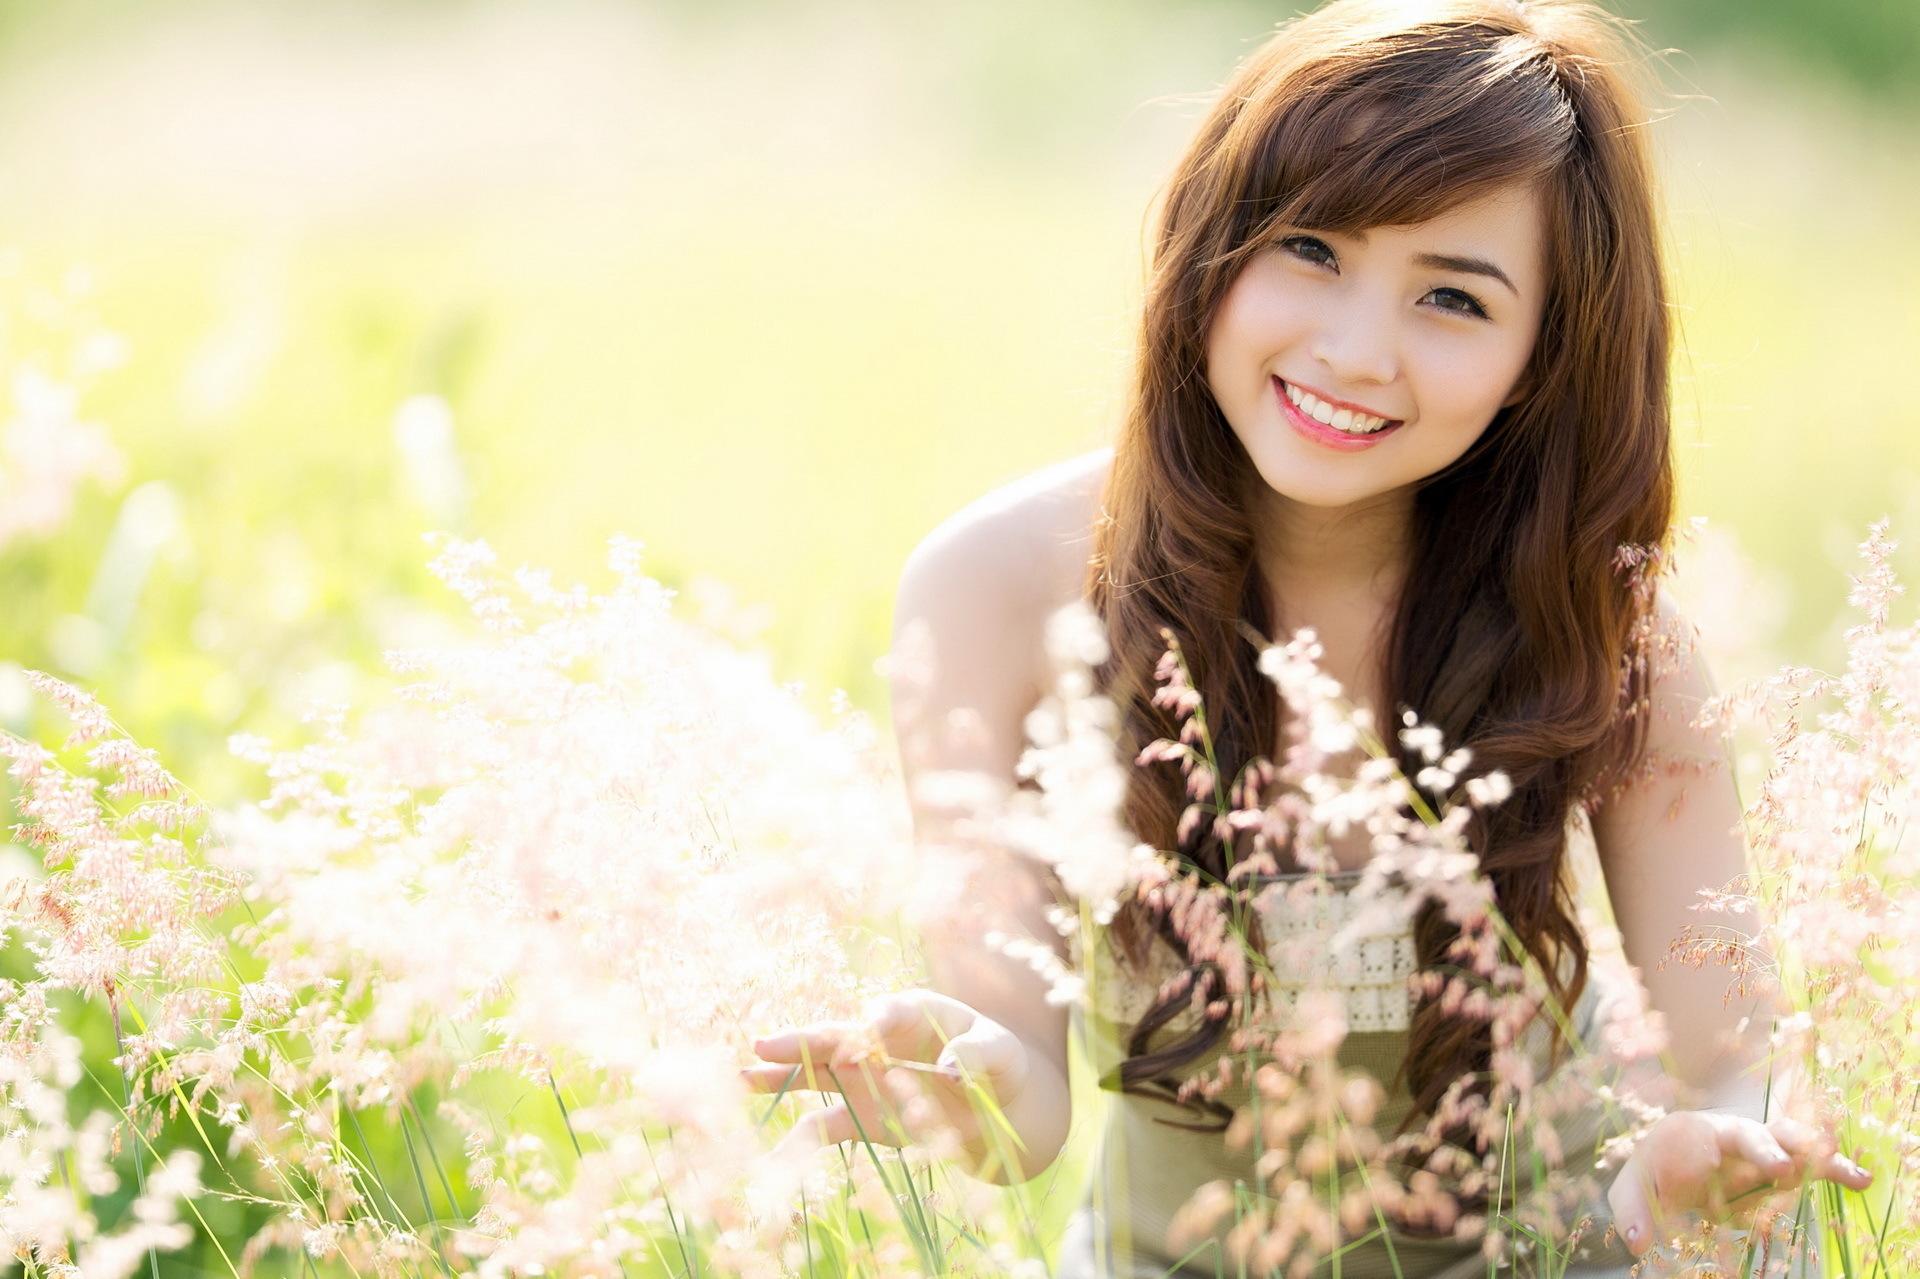 Картинка кровать, японка, девушка, улыбка 1280x720 скачать